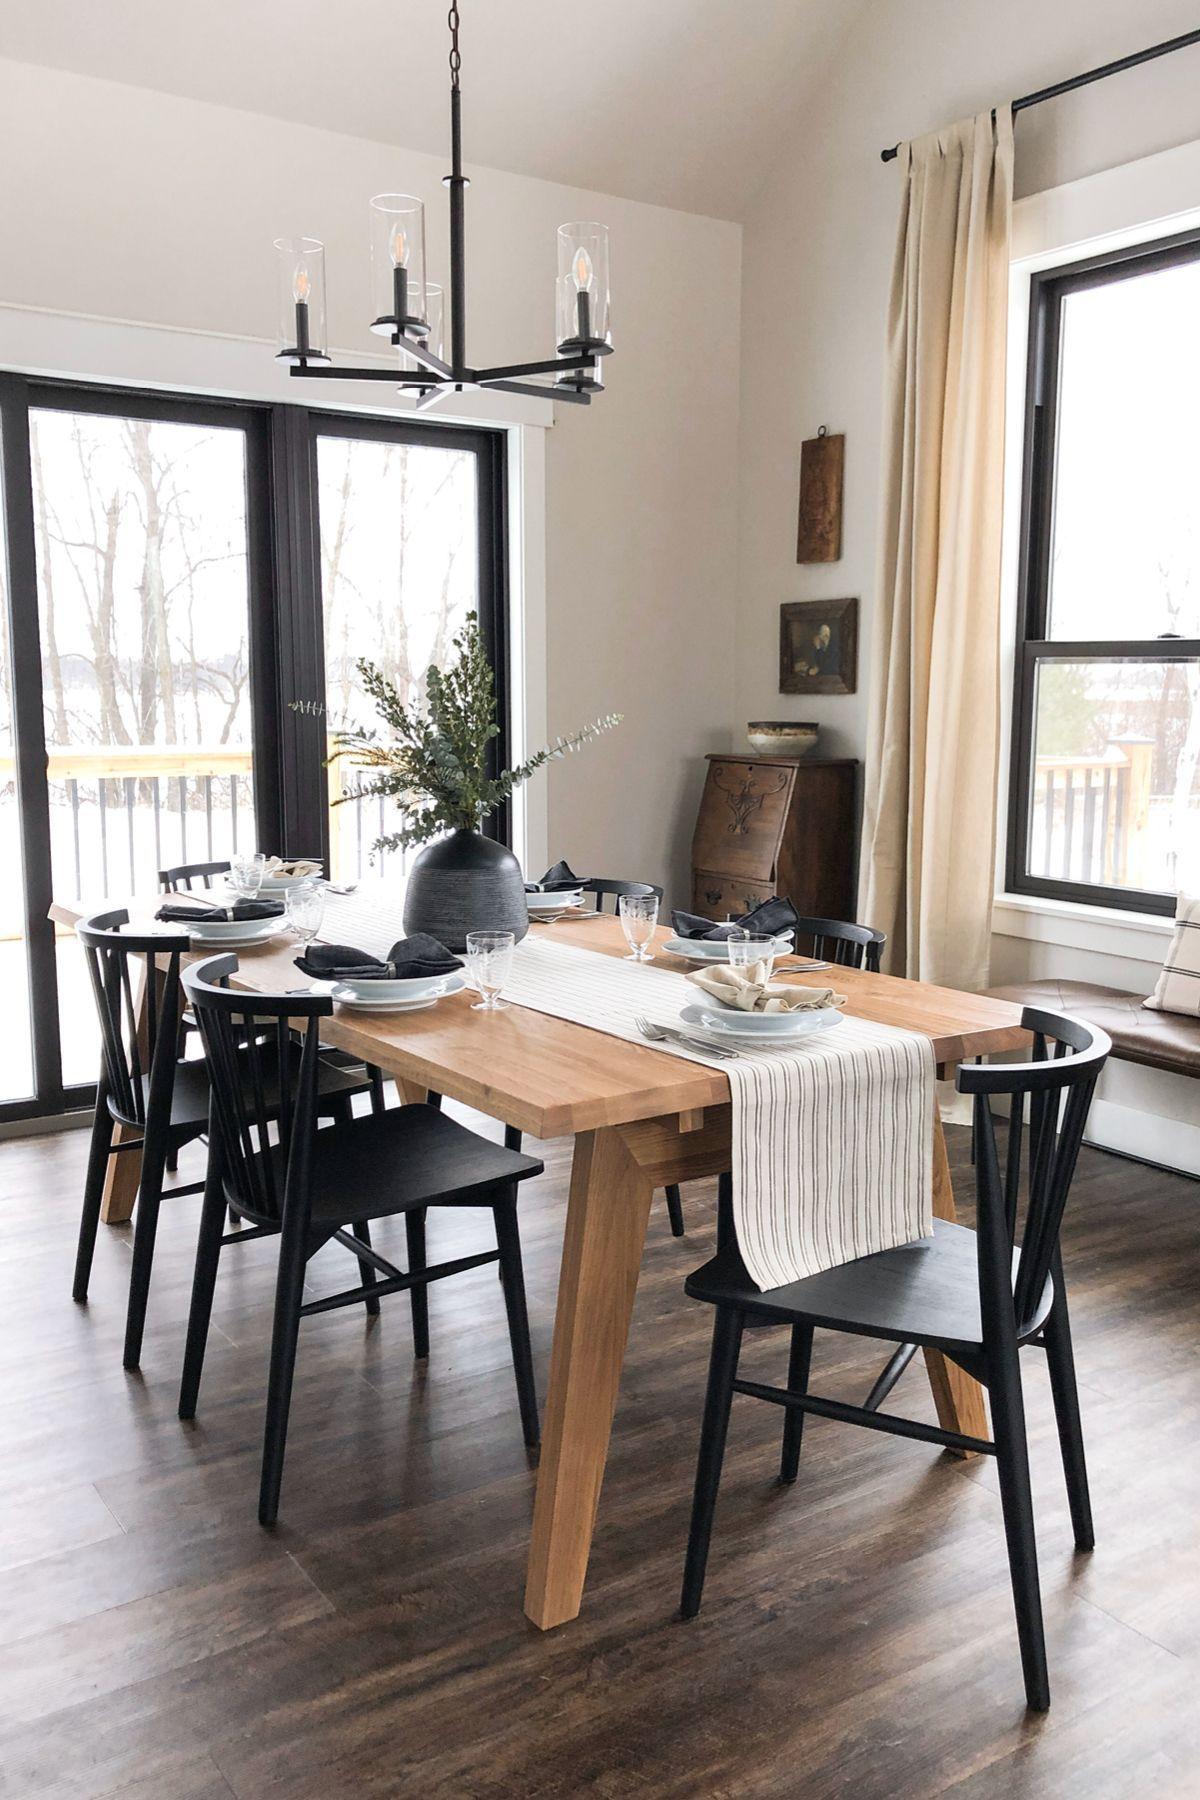 25+ White and oak dining set Best Seller